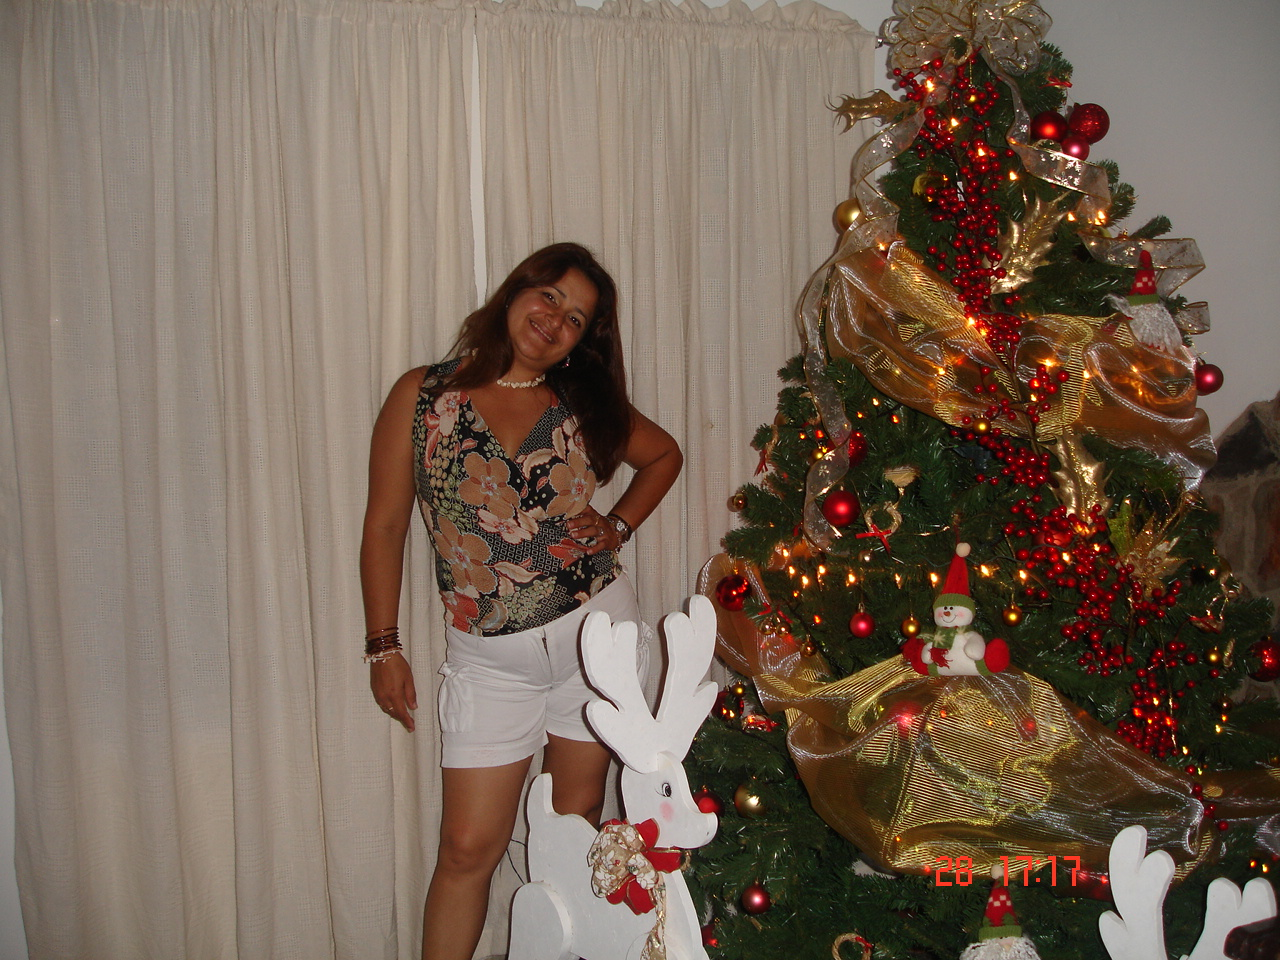 Manualidades coquetas otras creaciones para la navidad - Decoracion navidena para negocios ...